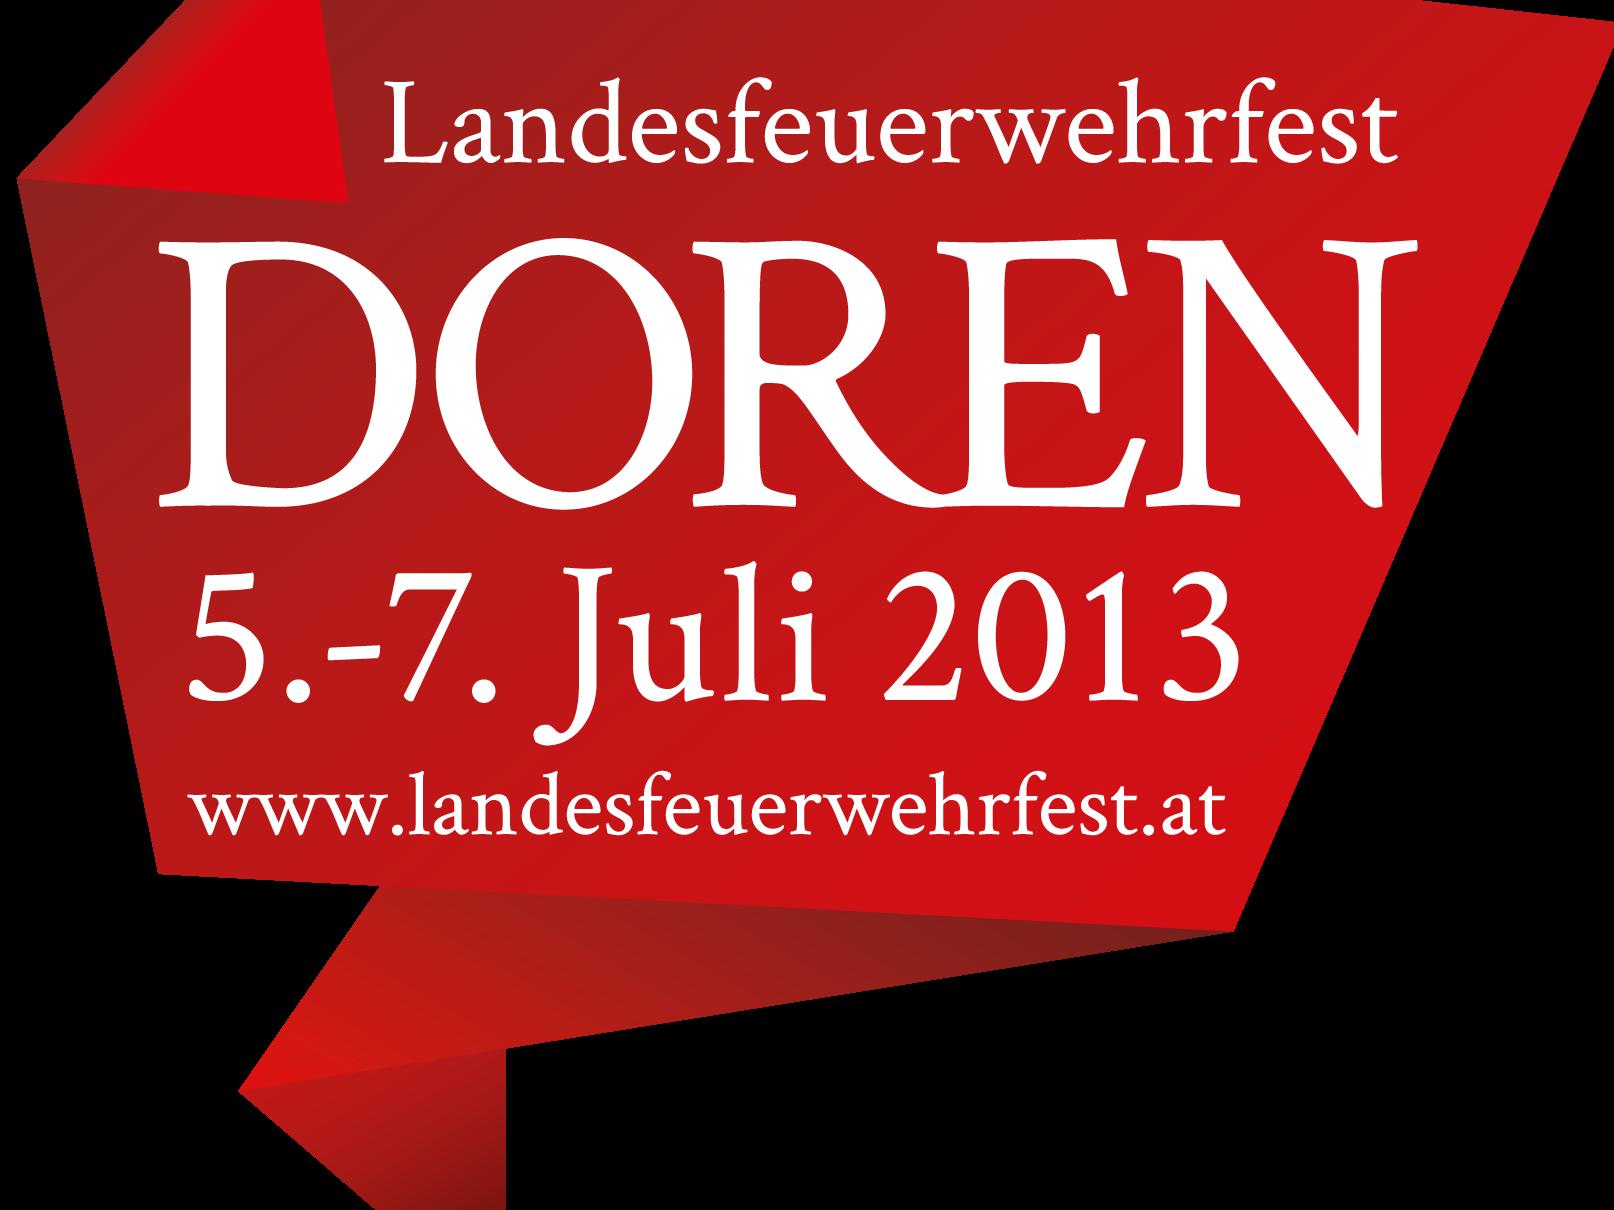 www.landesfeuerwehrfest.at